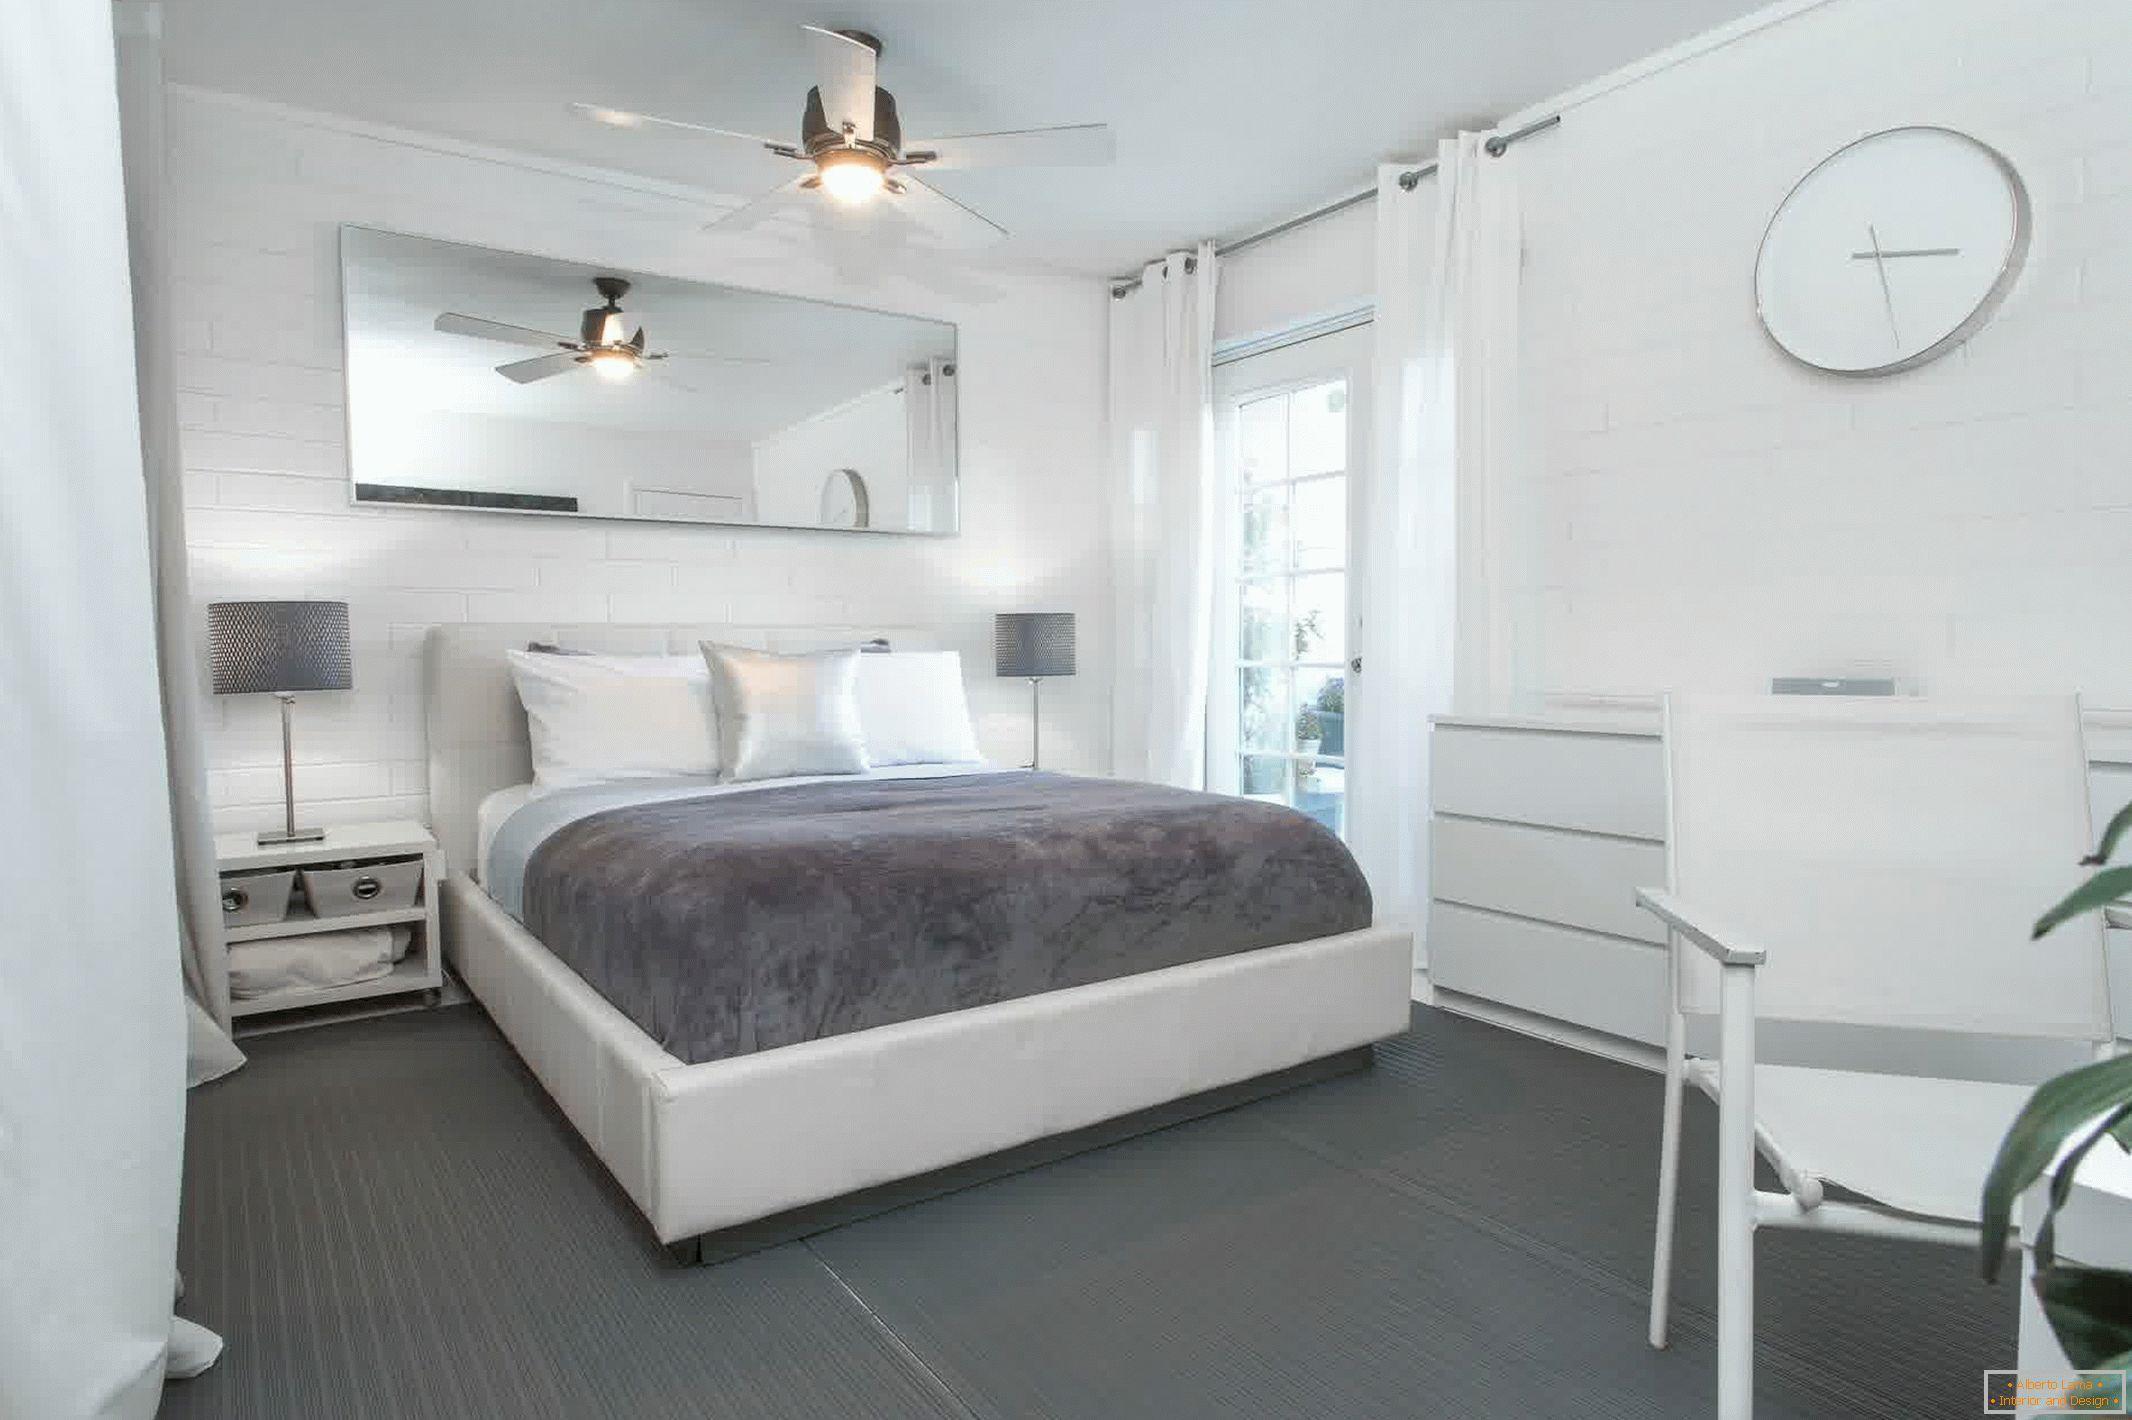 Welche Farbe Pt Zu Schlafzimmer   Schlafzimmer In Grauen Farben 60 Fotoideen